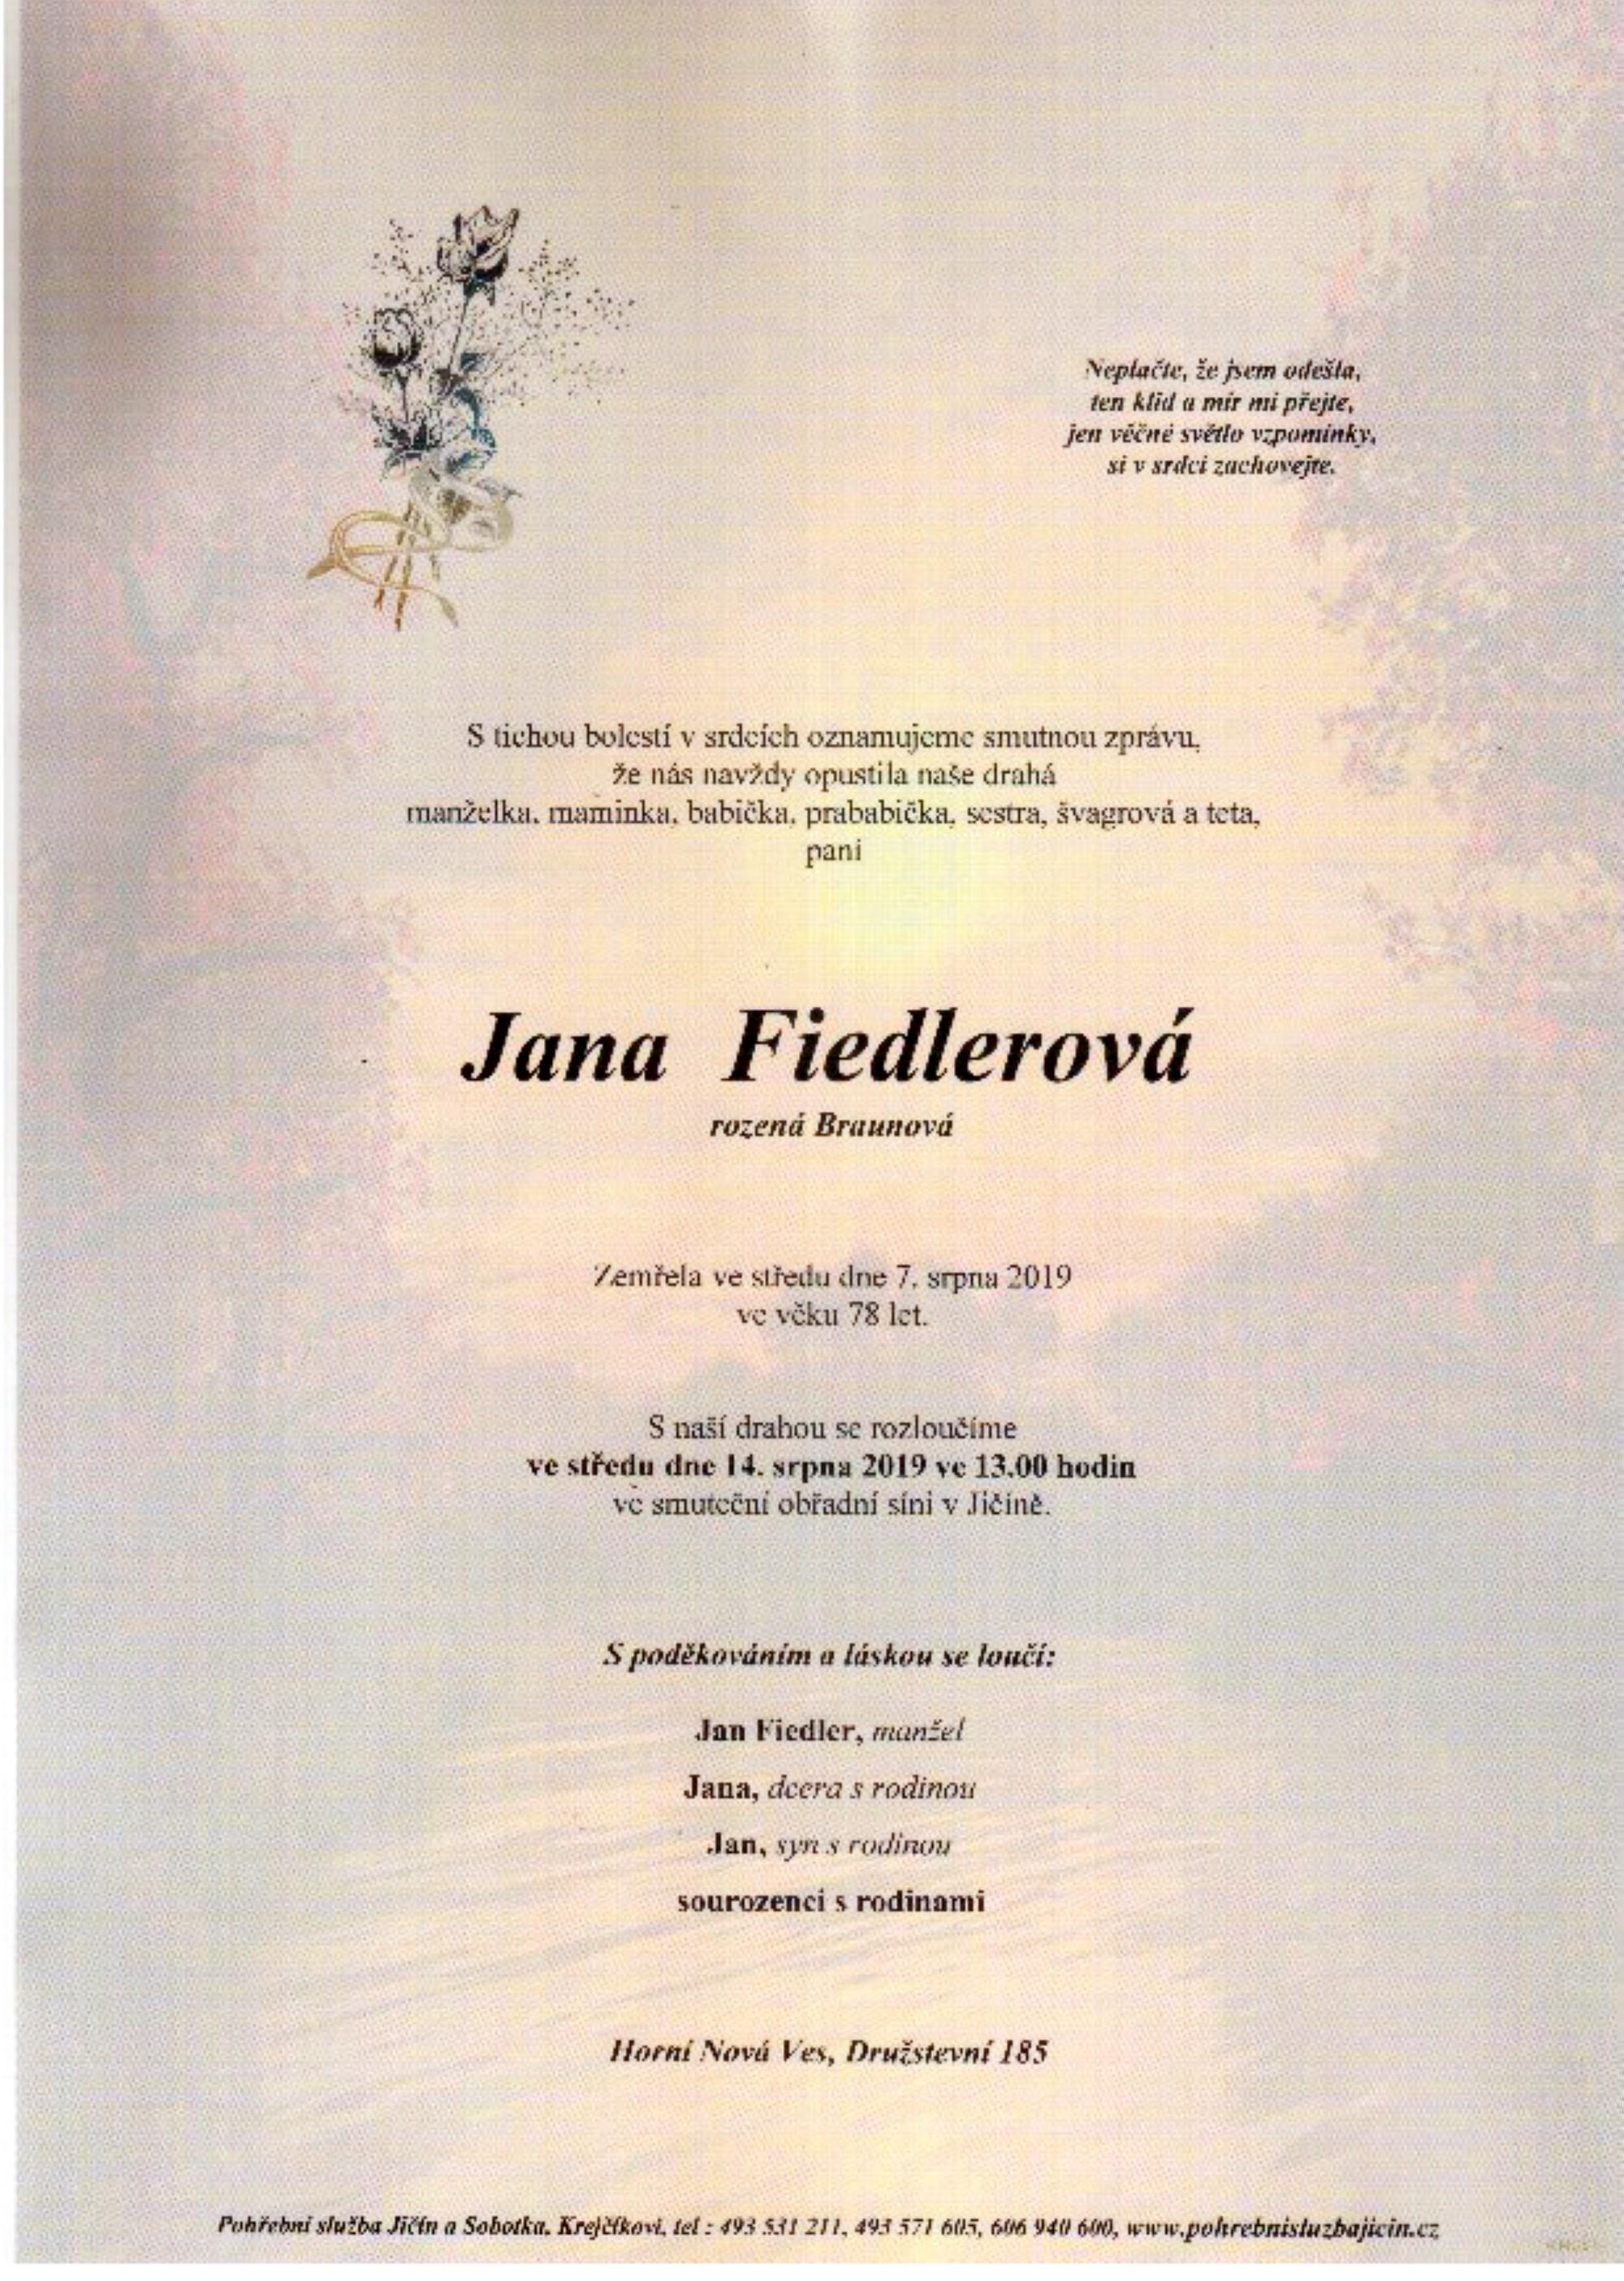 Jana Fiedlerová